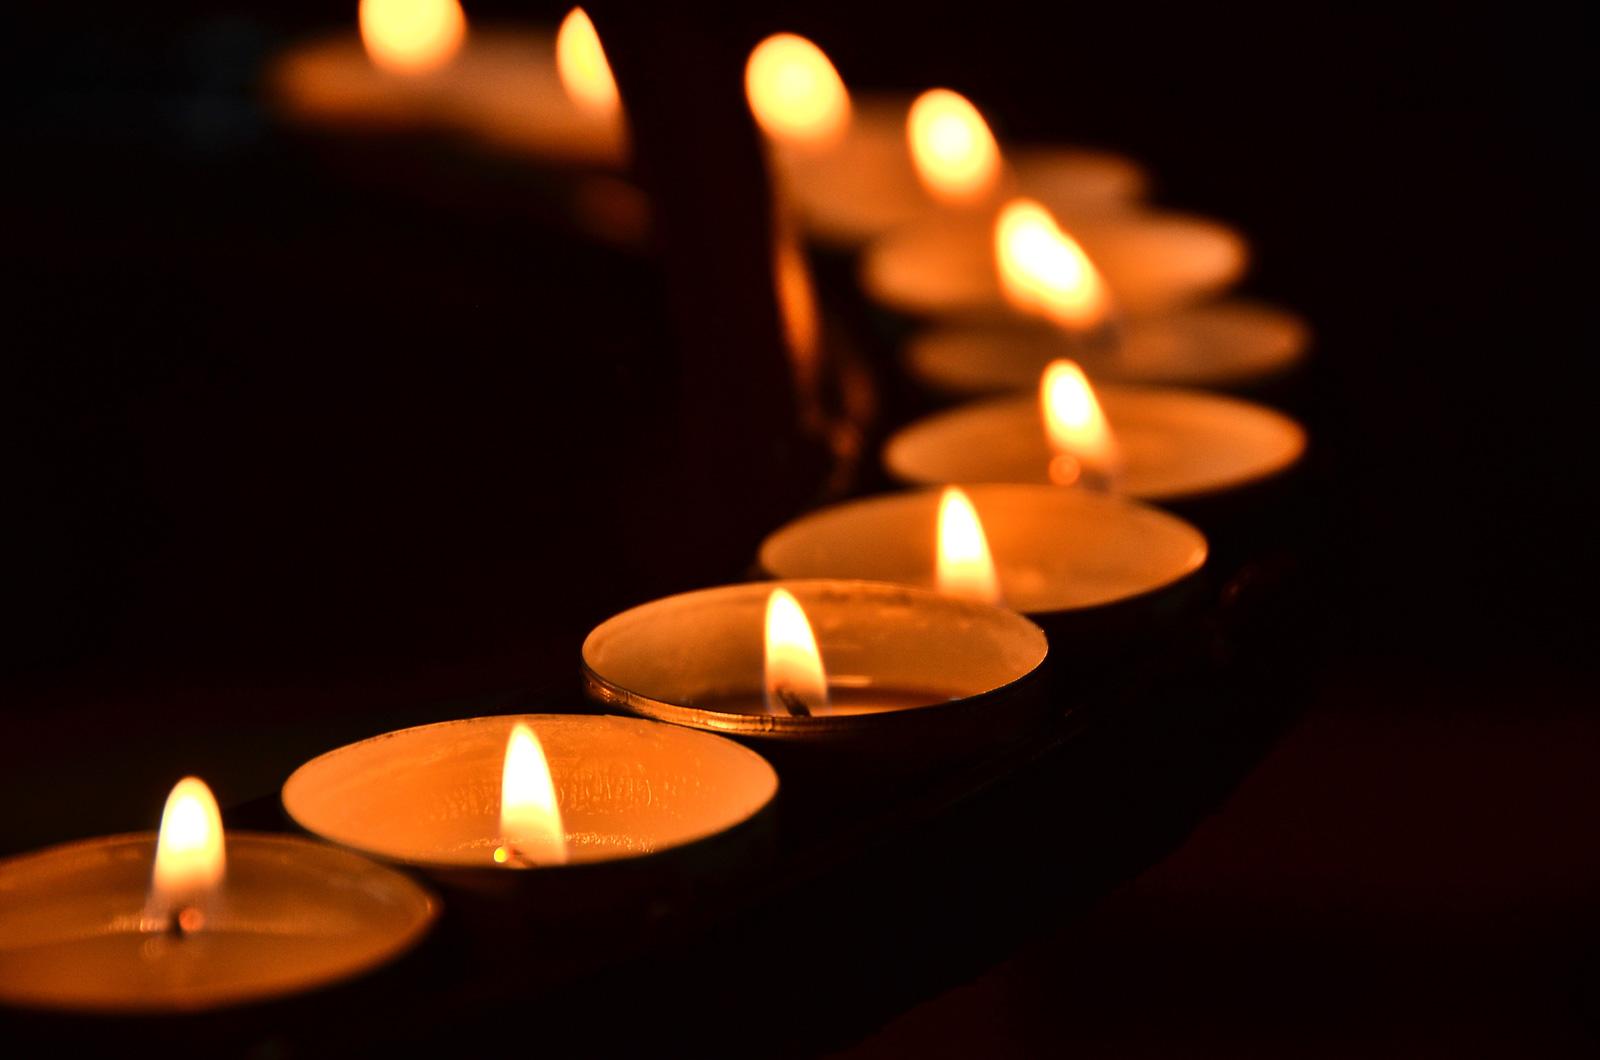 Besselte Momente - Rituale mit Kerzen